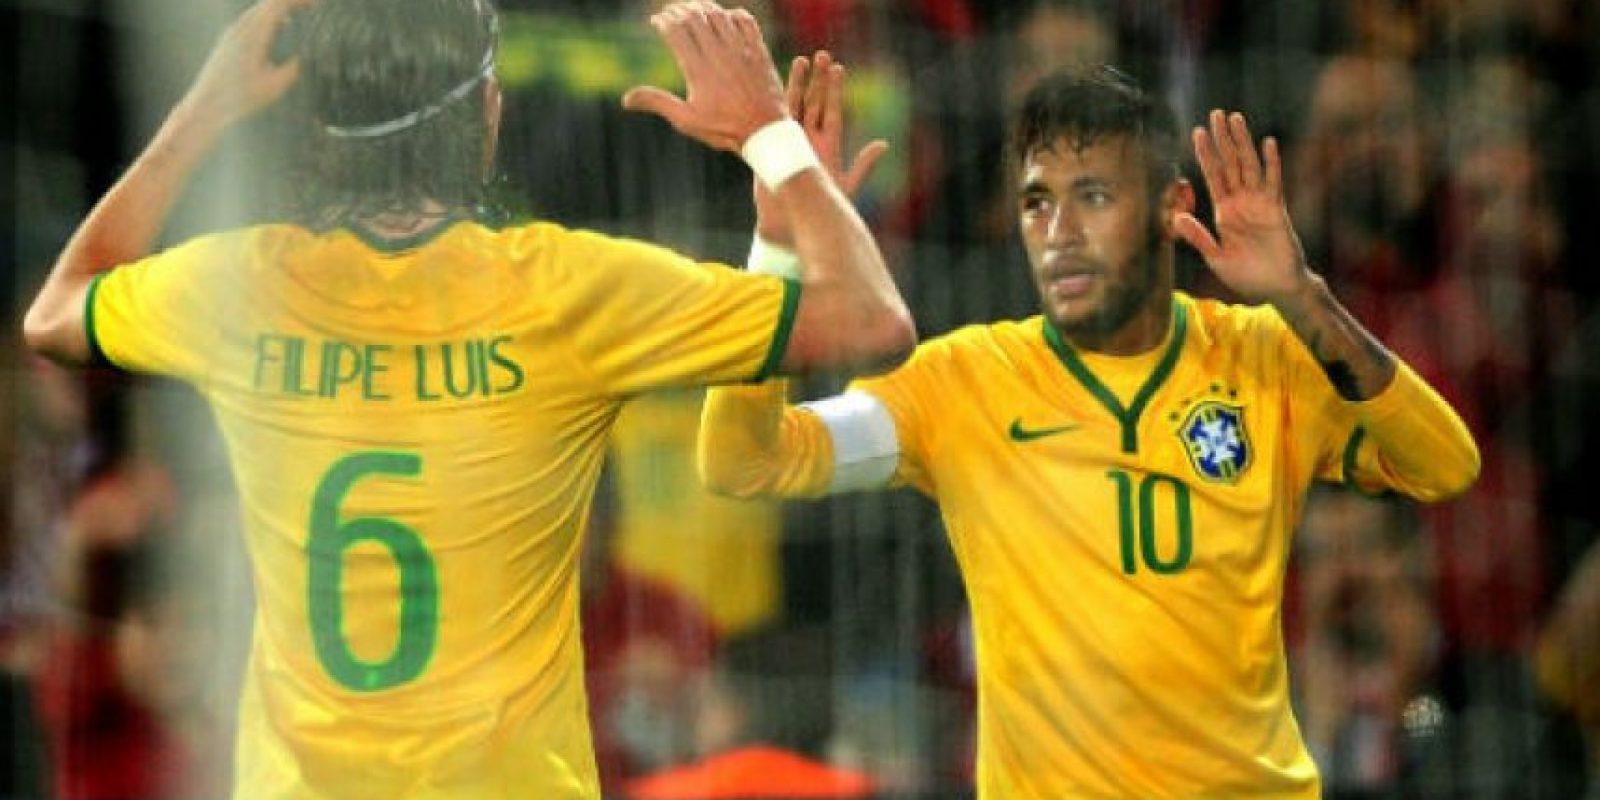 Neymar celebra su doblete con su compañero Felipe Luis Foto:AFP